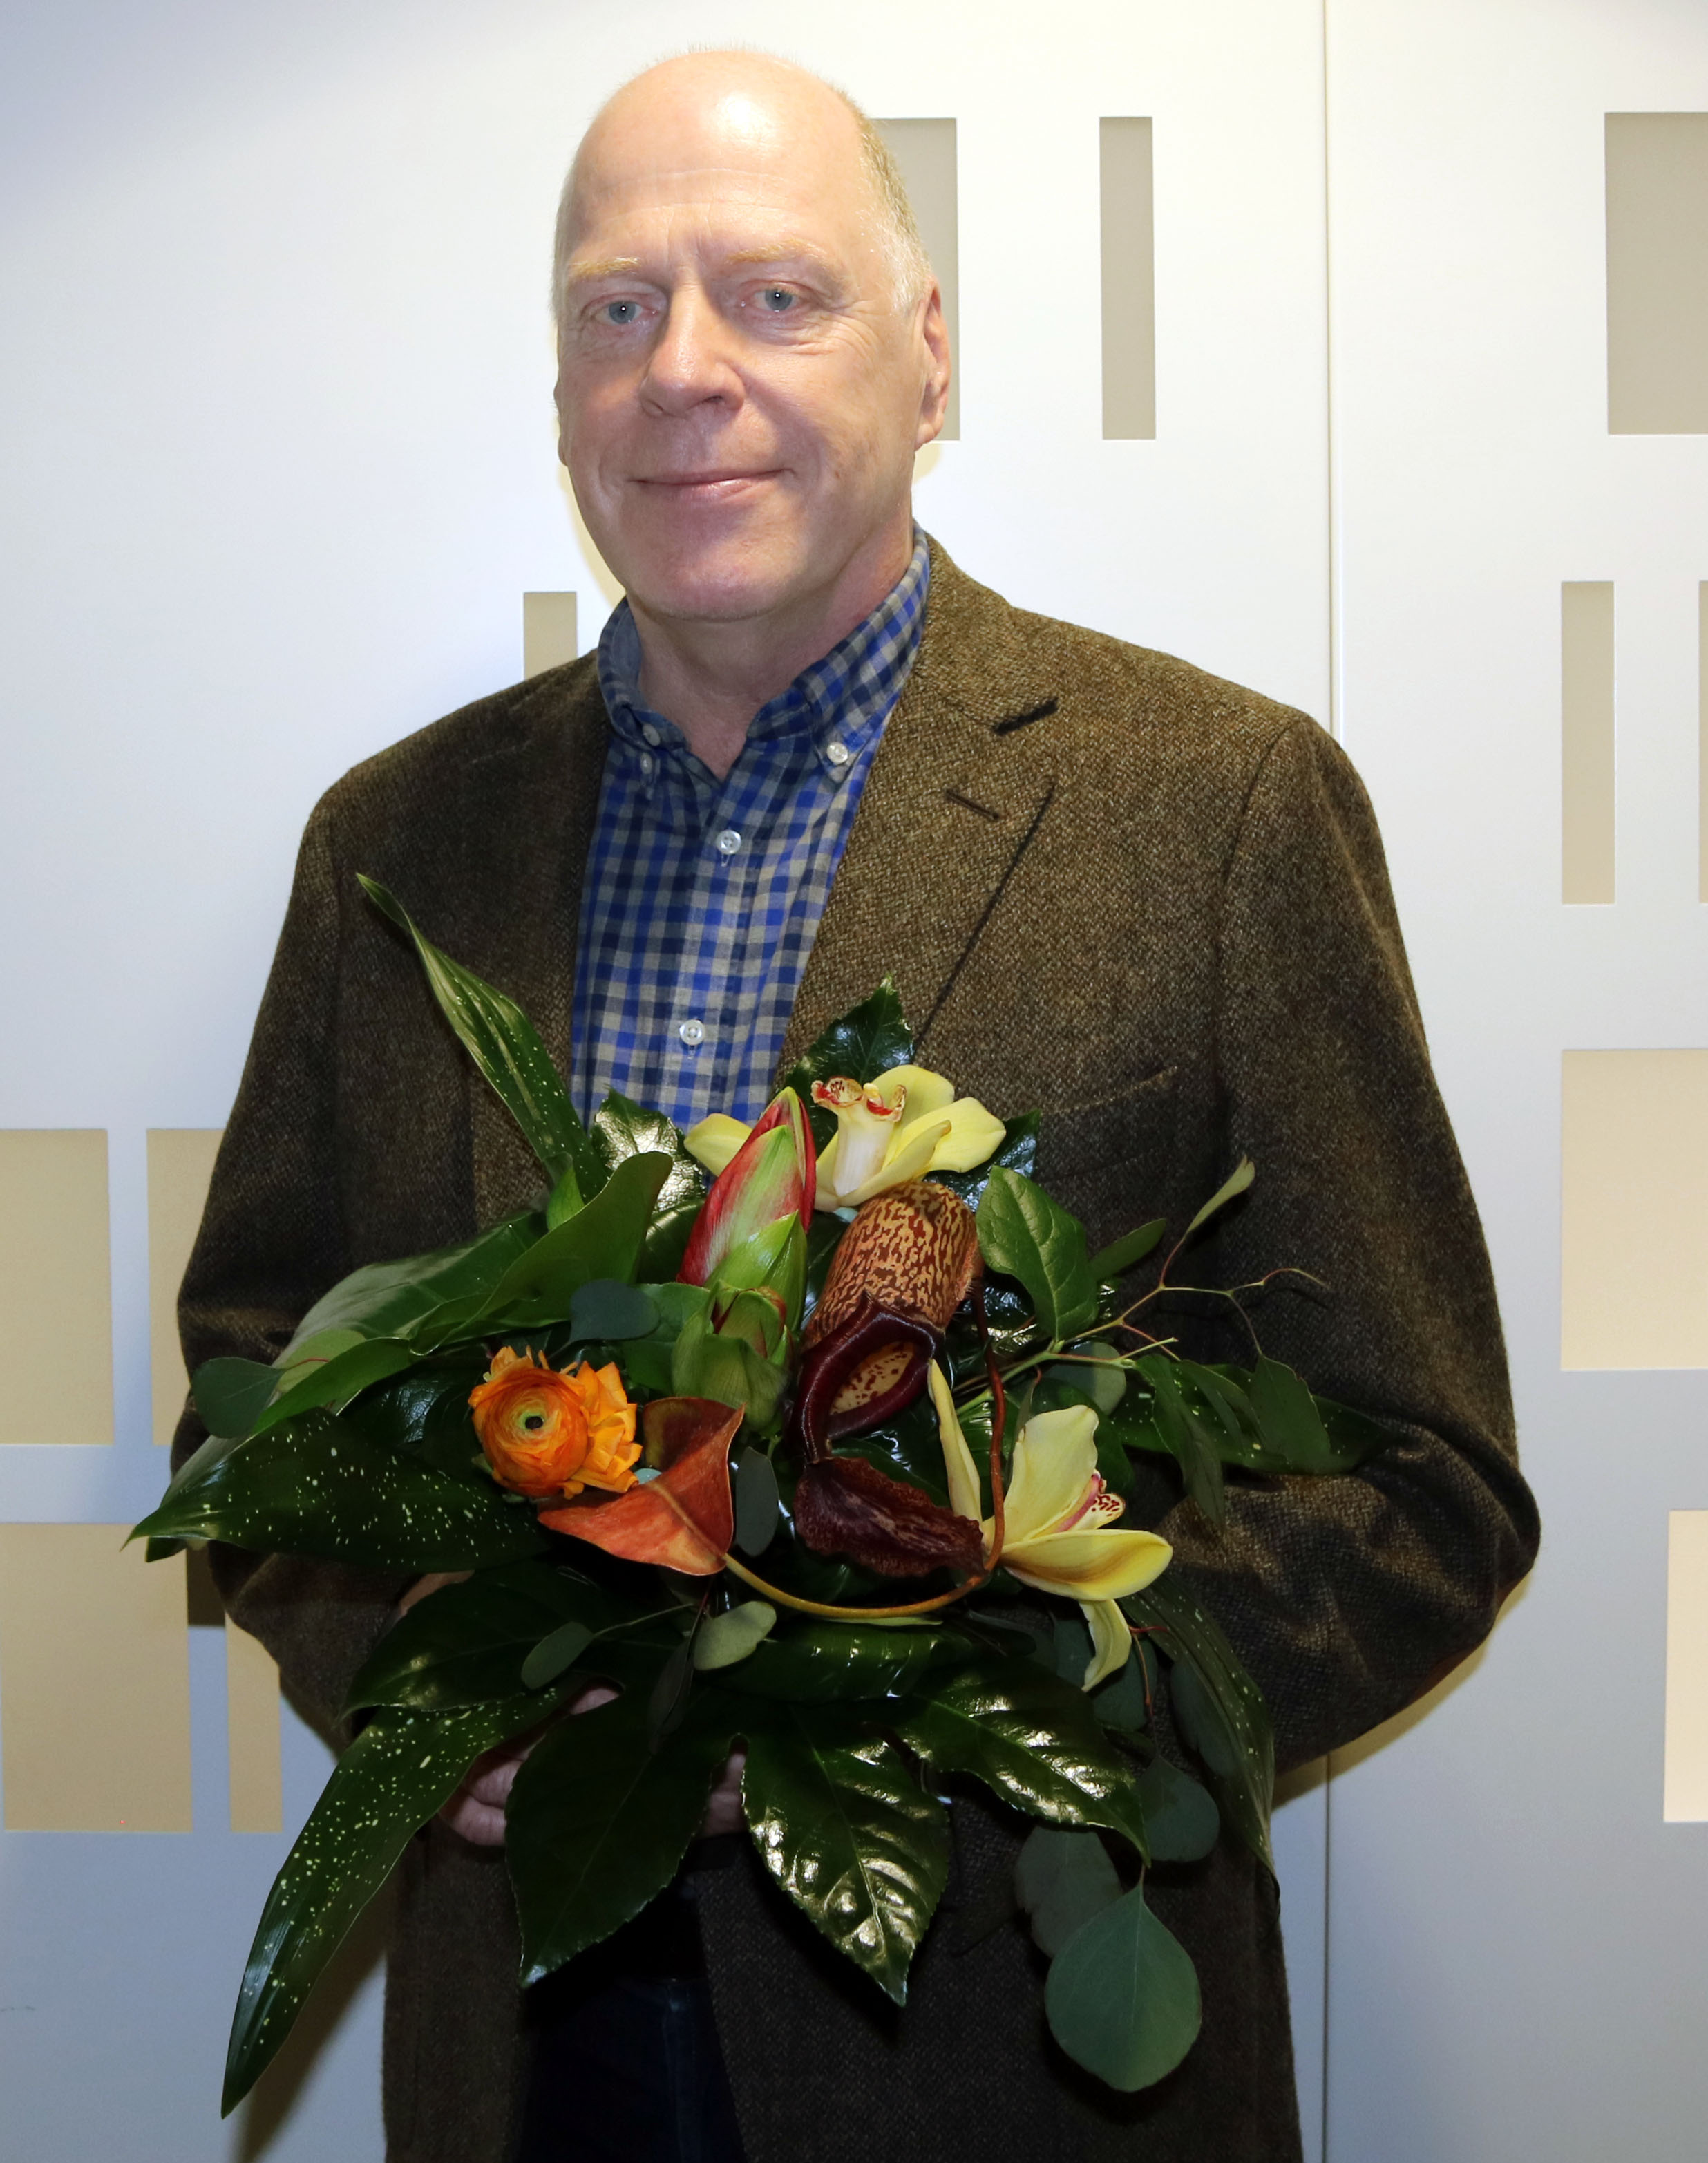 Heikki Saari